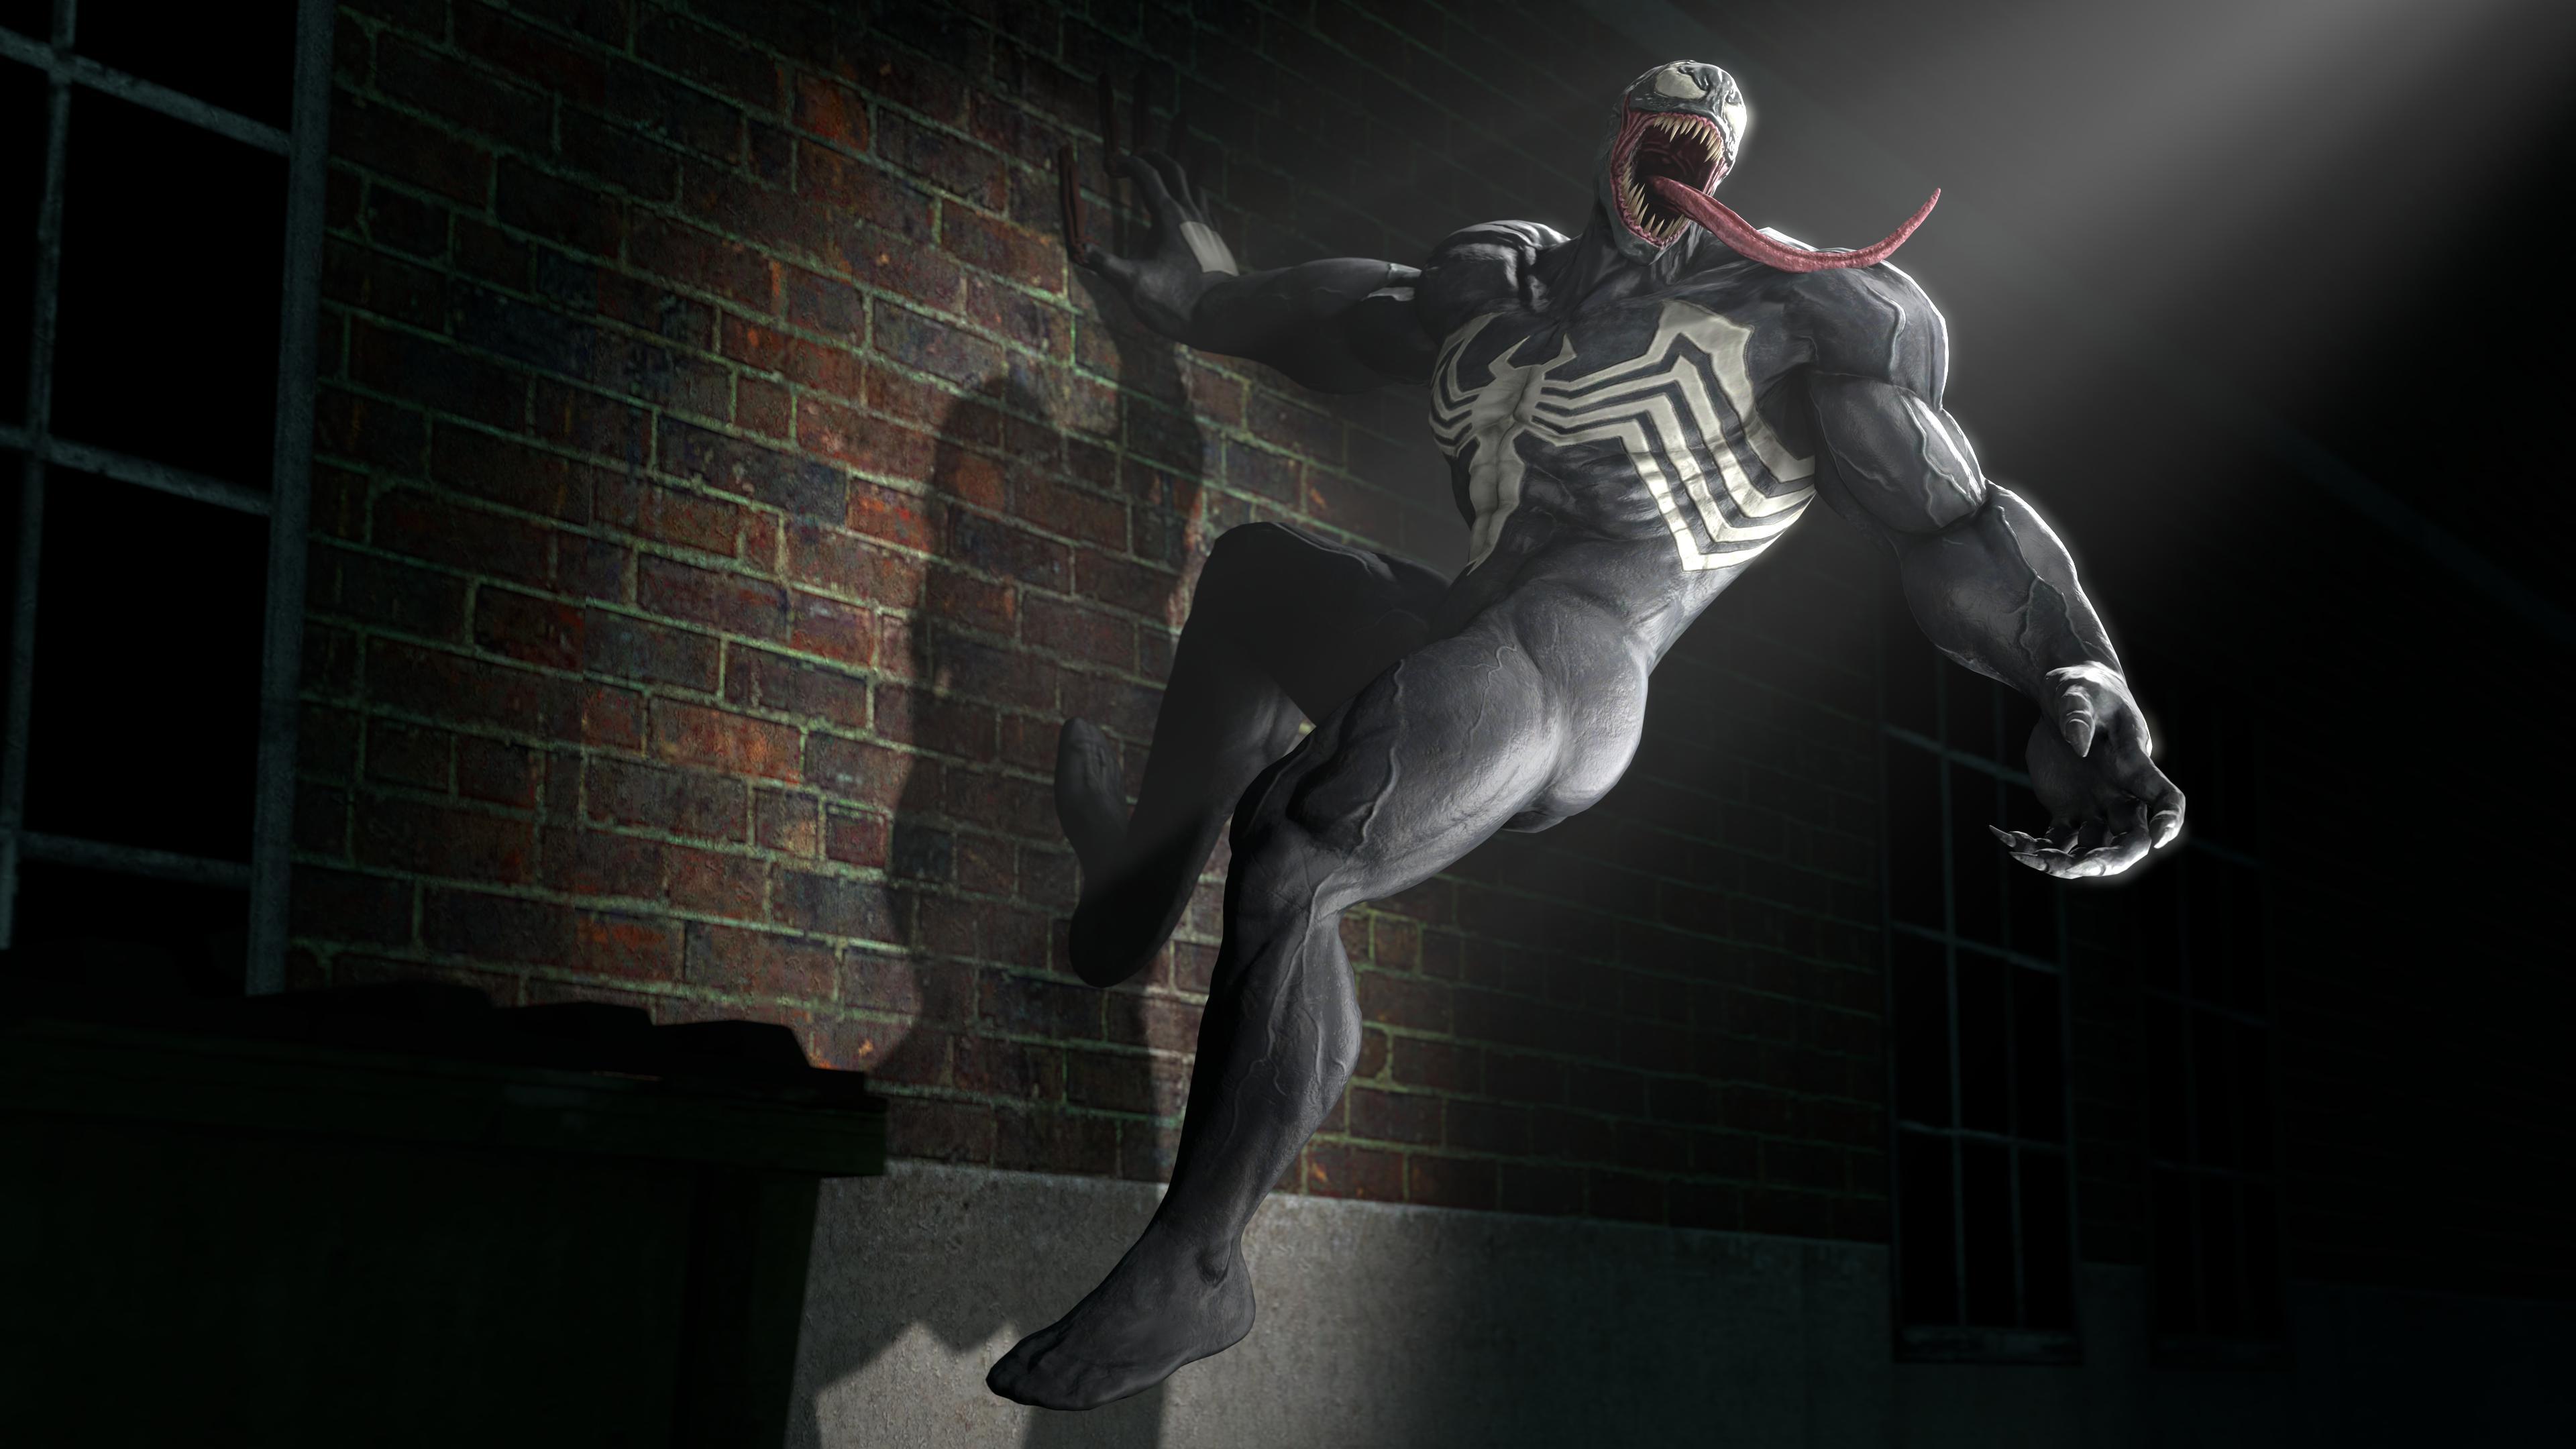 venom in spotlight 4k artwork 1539452751 - Venom In Spotlight 4k Artwork - Venom wallpapers, venom movie wallpapers, superheroes wallpapers, hd-wallpapers, digital art wallpapers, deviantart wallpapers, artwork wallpapers, 4k-wallpapers